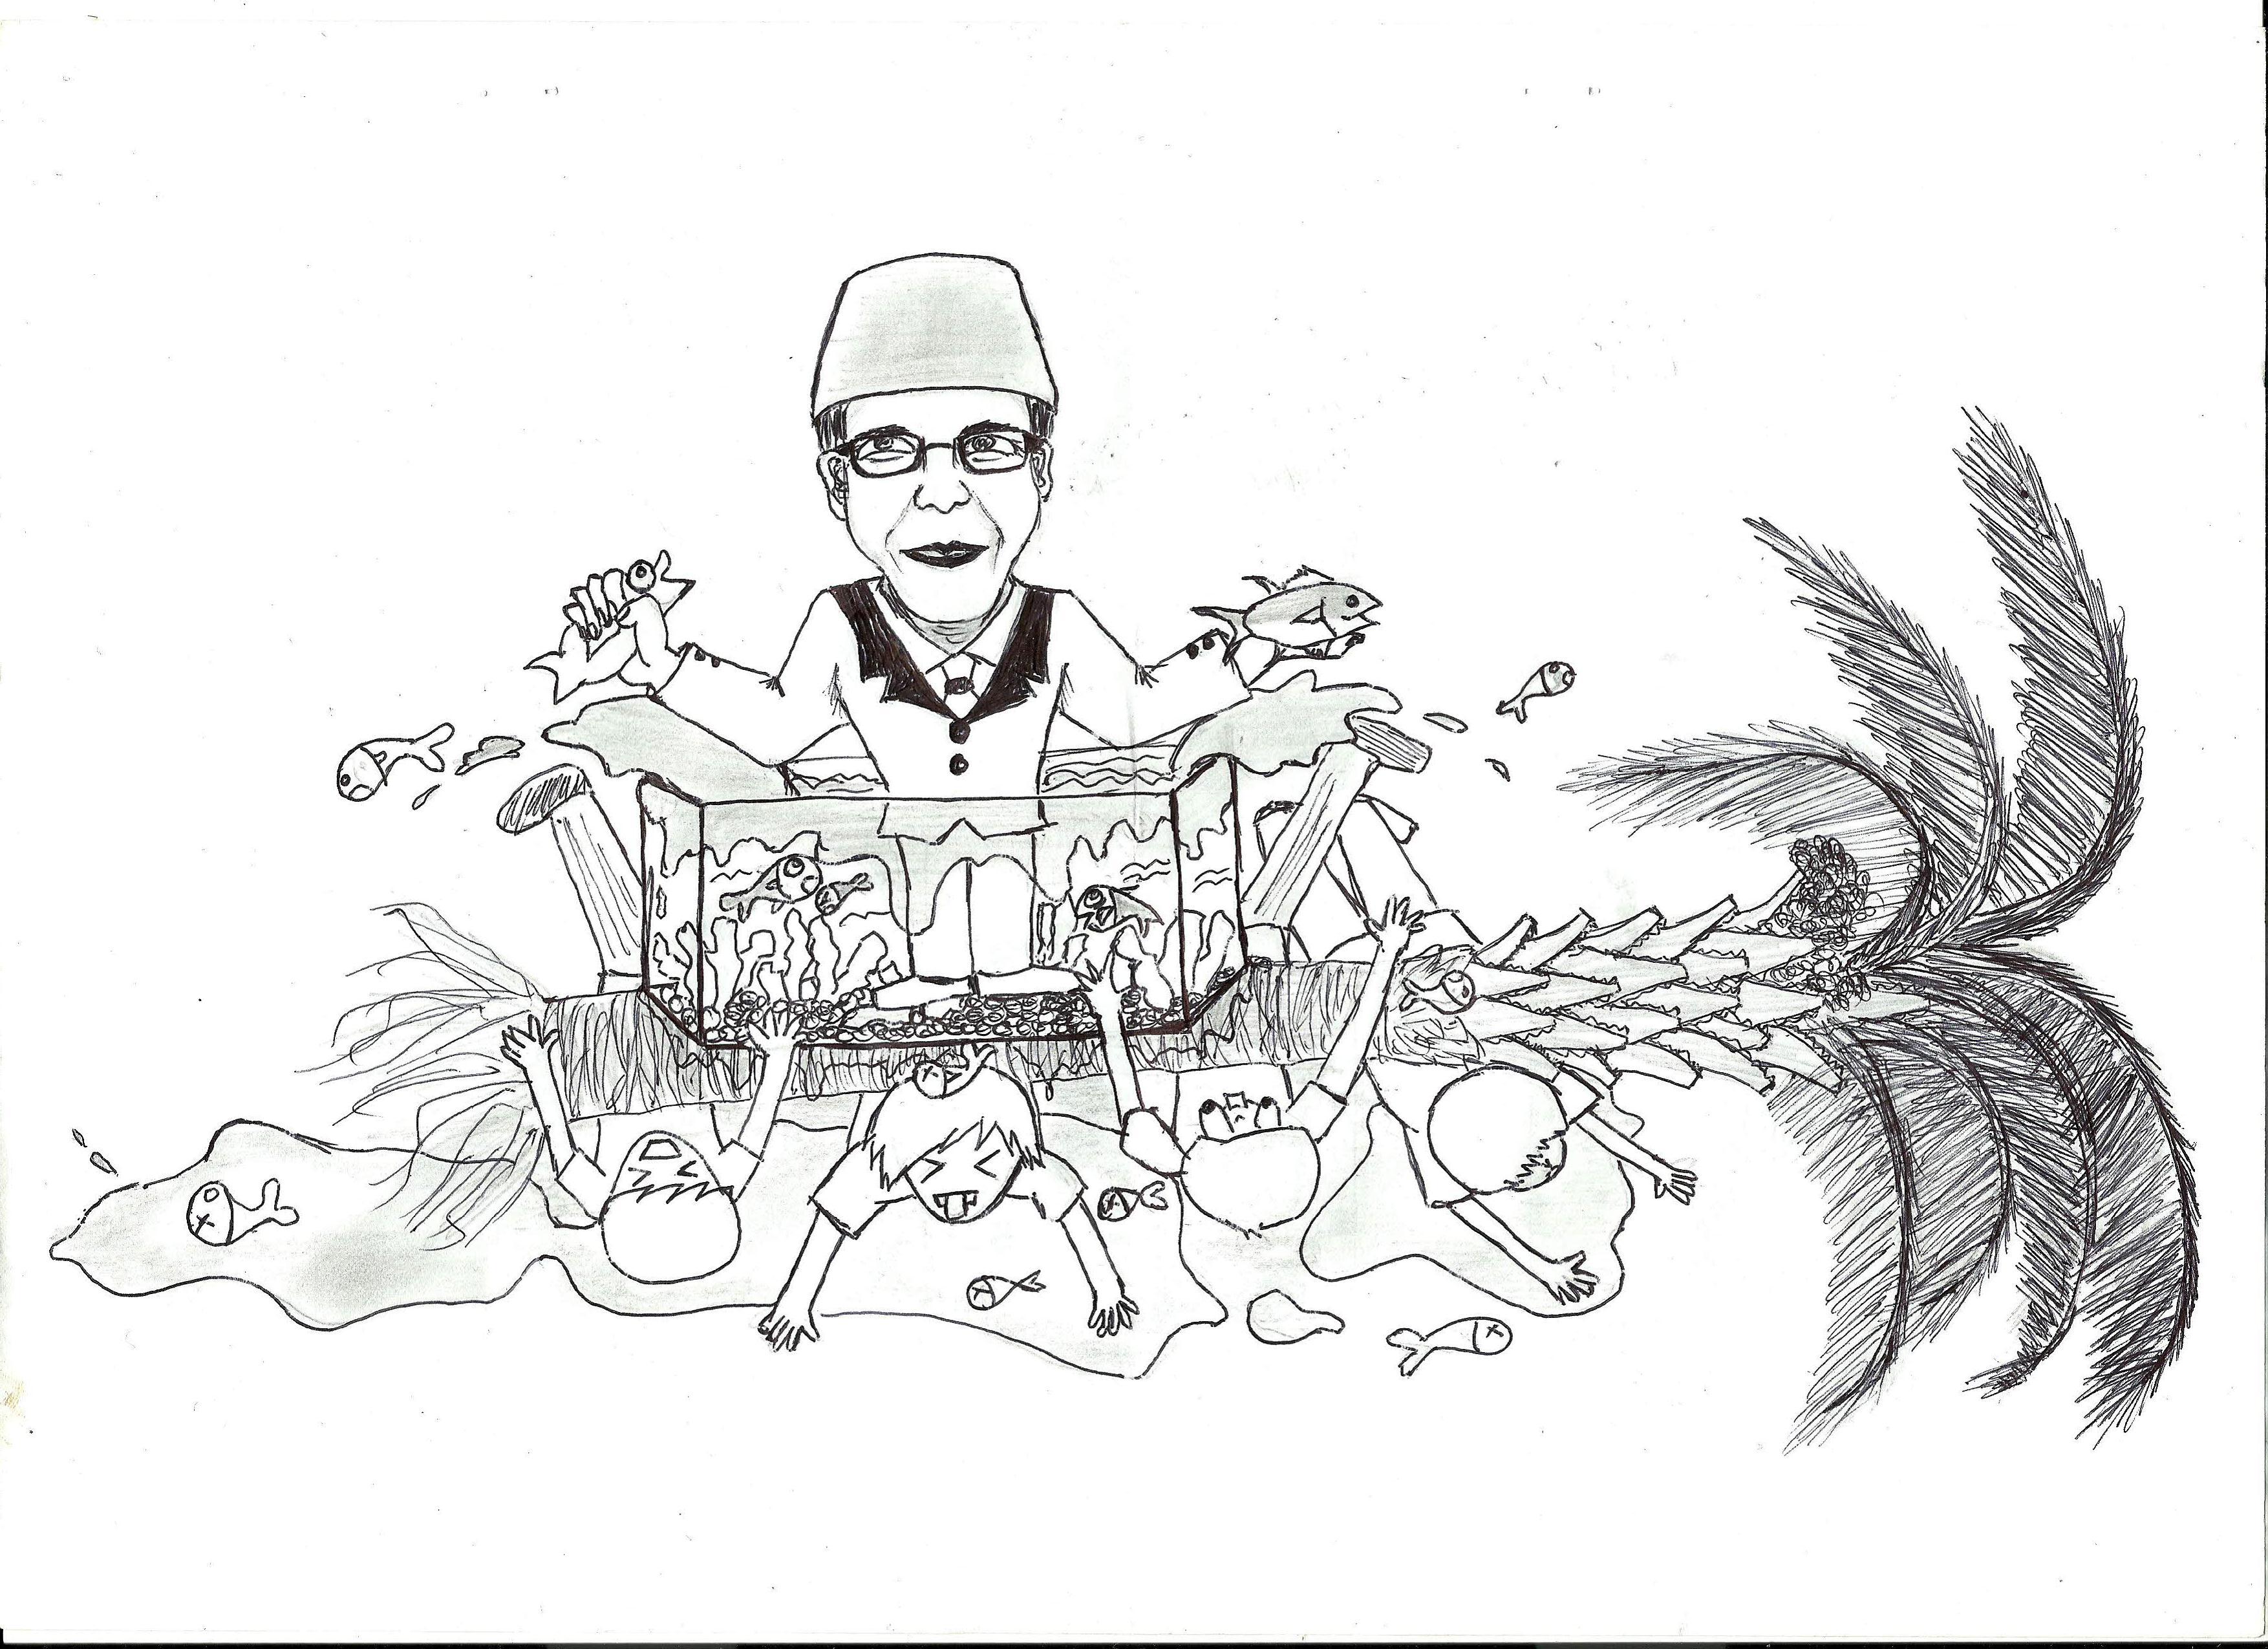 Inovasi Edisi I 2012 Klinik Agro Mina Bahari